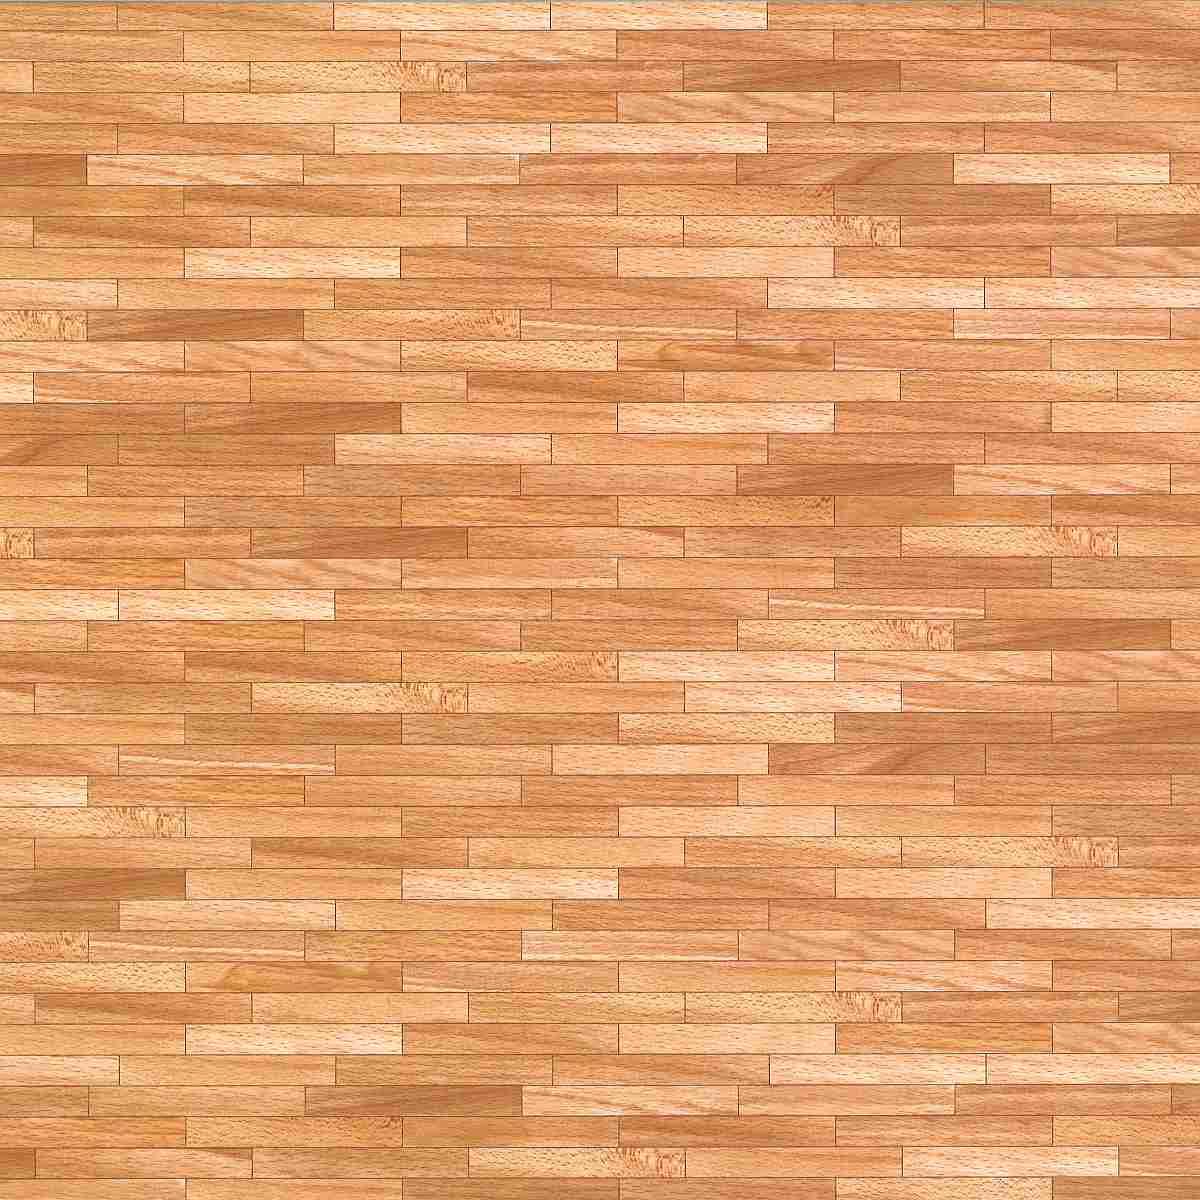 dielenfußboden-folie, 400 x 270 mm-70795